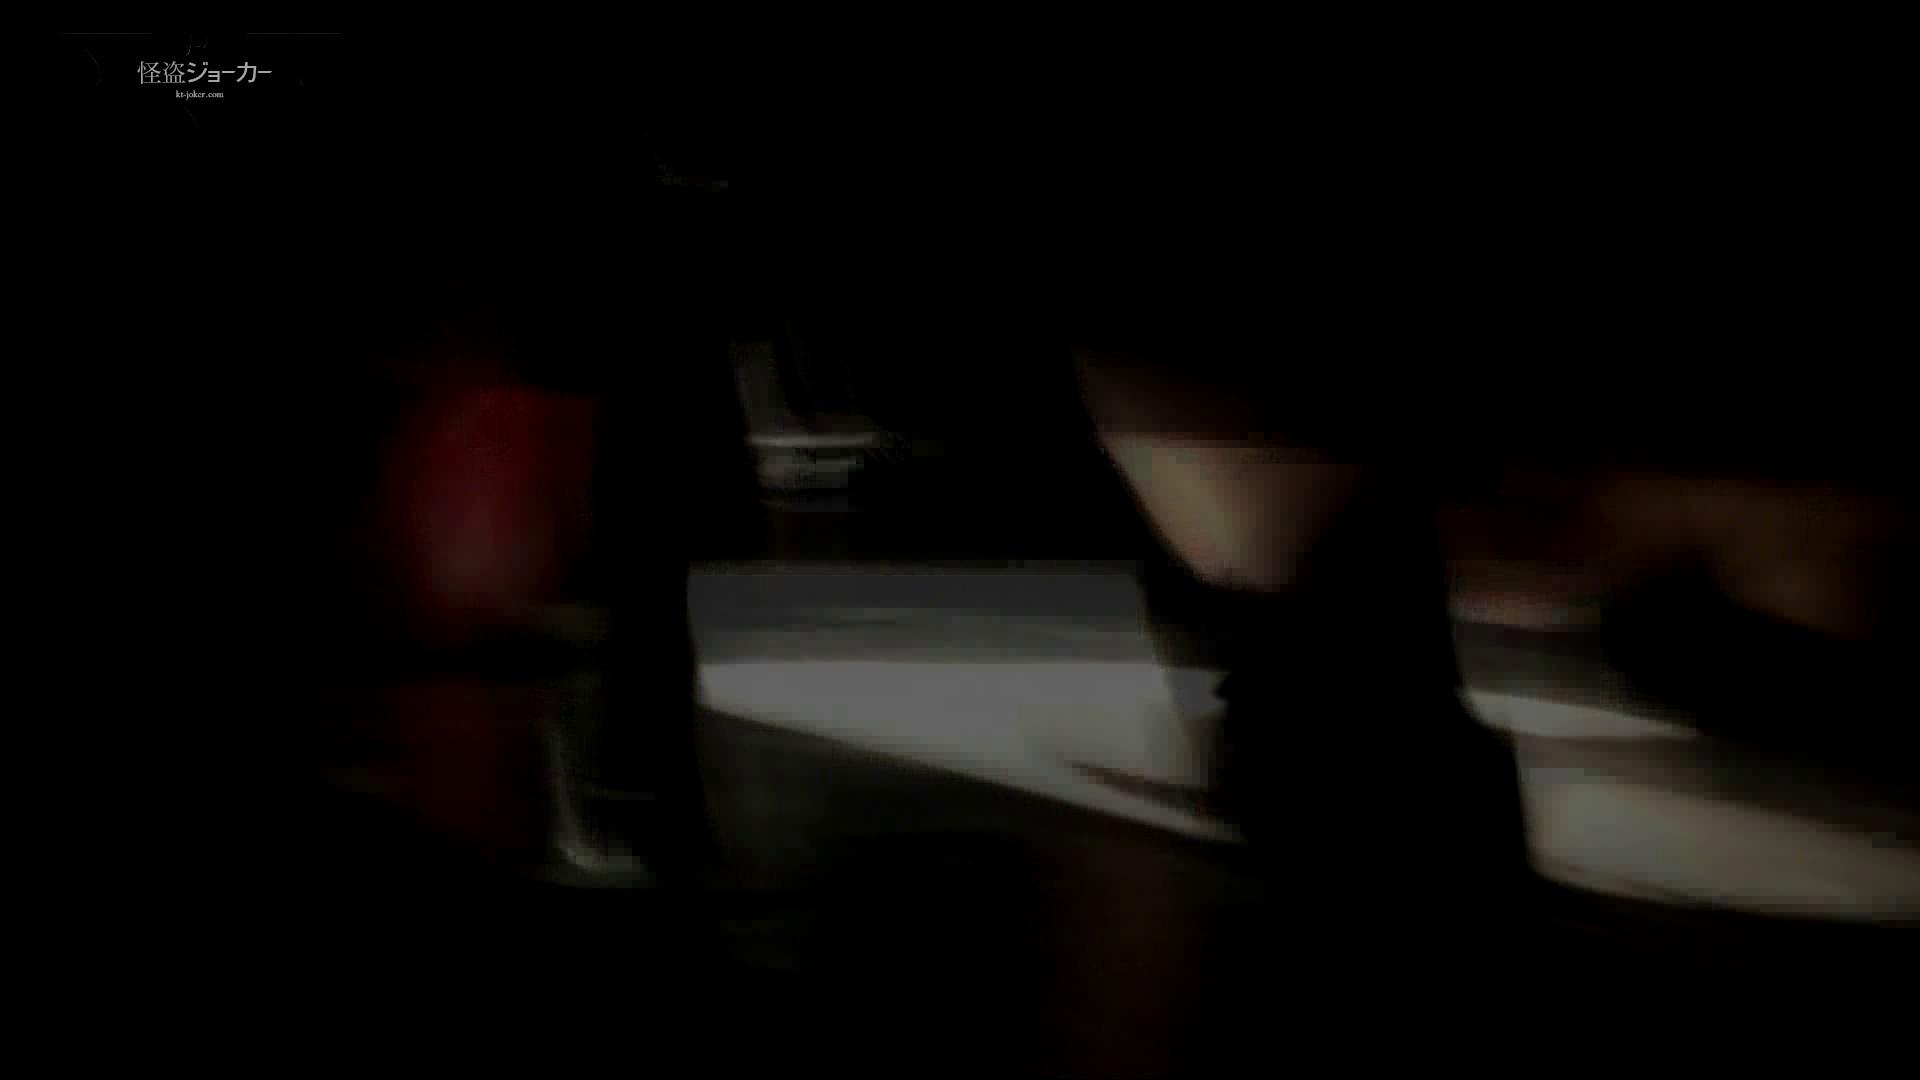 ギャルのツルピカ潜入盗撮!Vol.05 うんこ | 盗撮  87画像 61